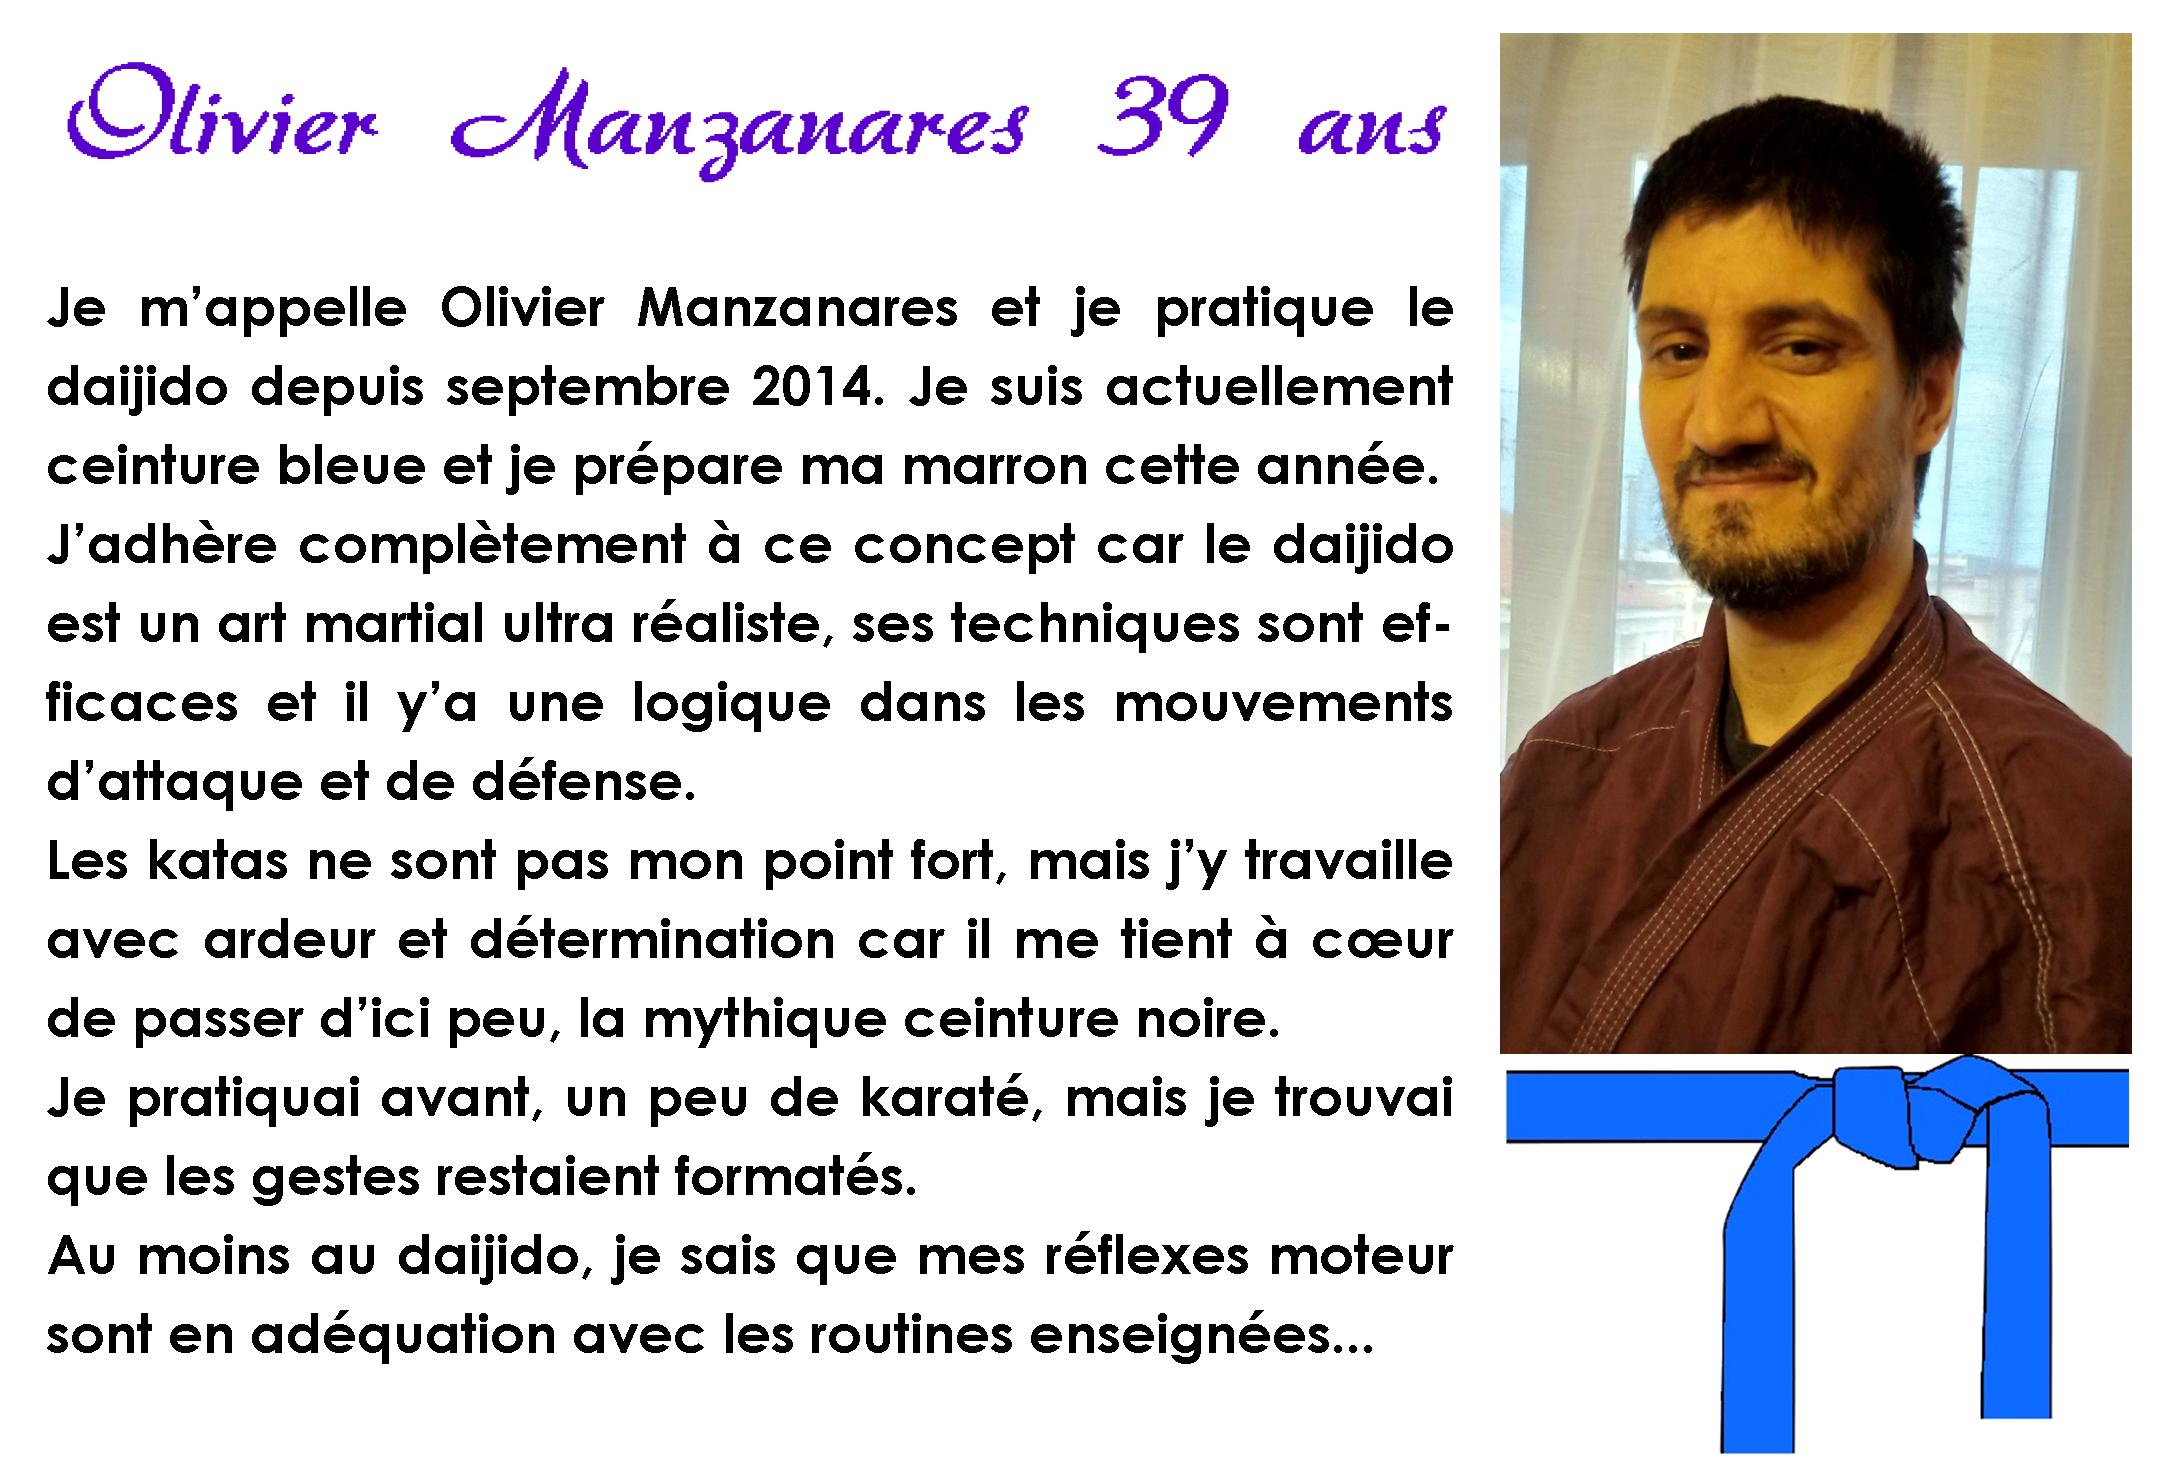 Olivier Manzanares